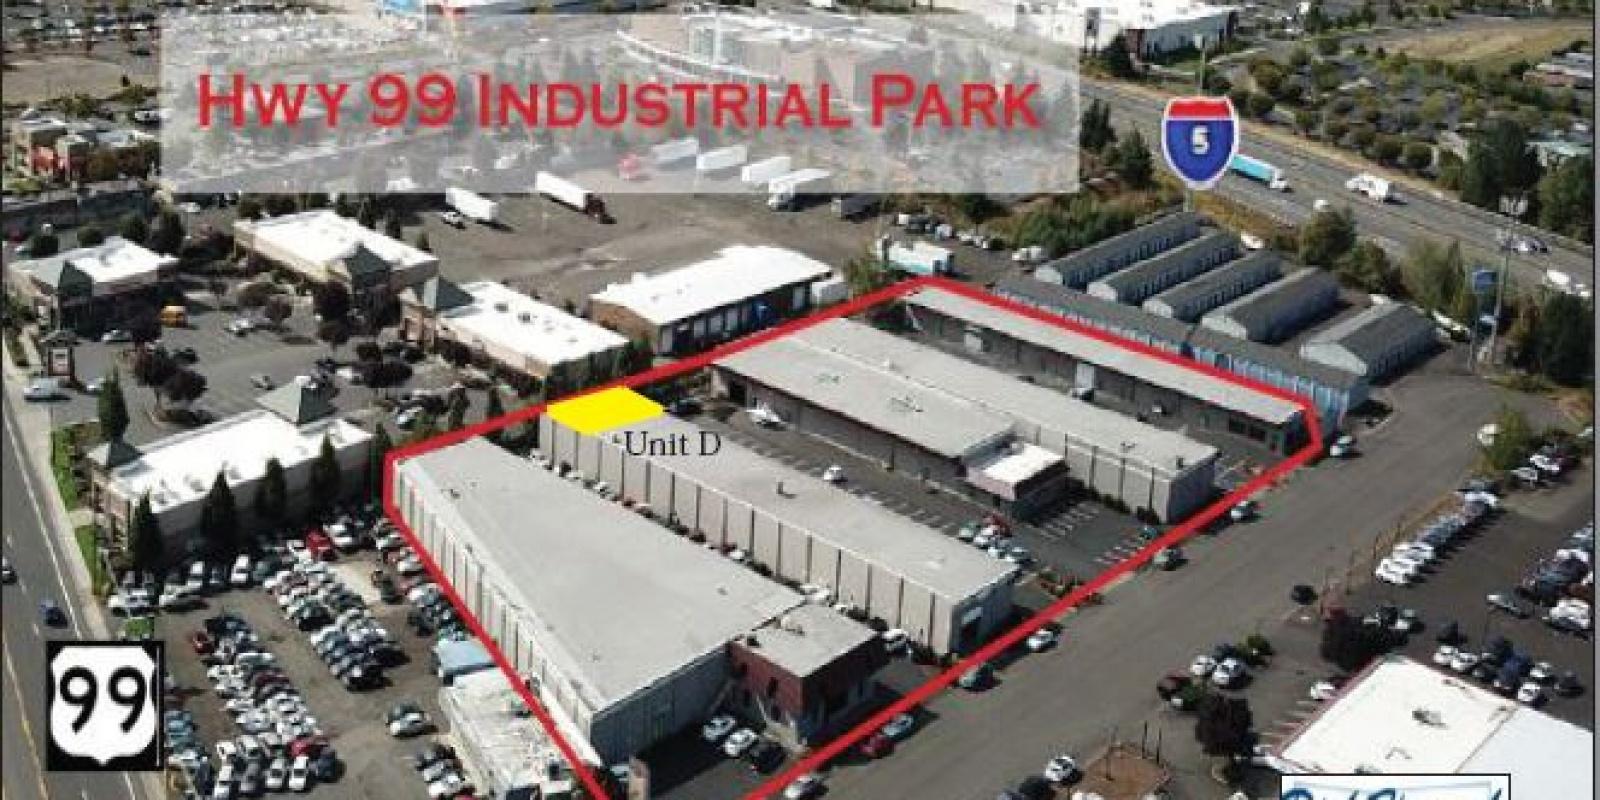 Hwy 99 Industrial Park